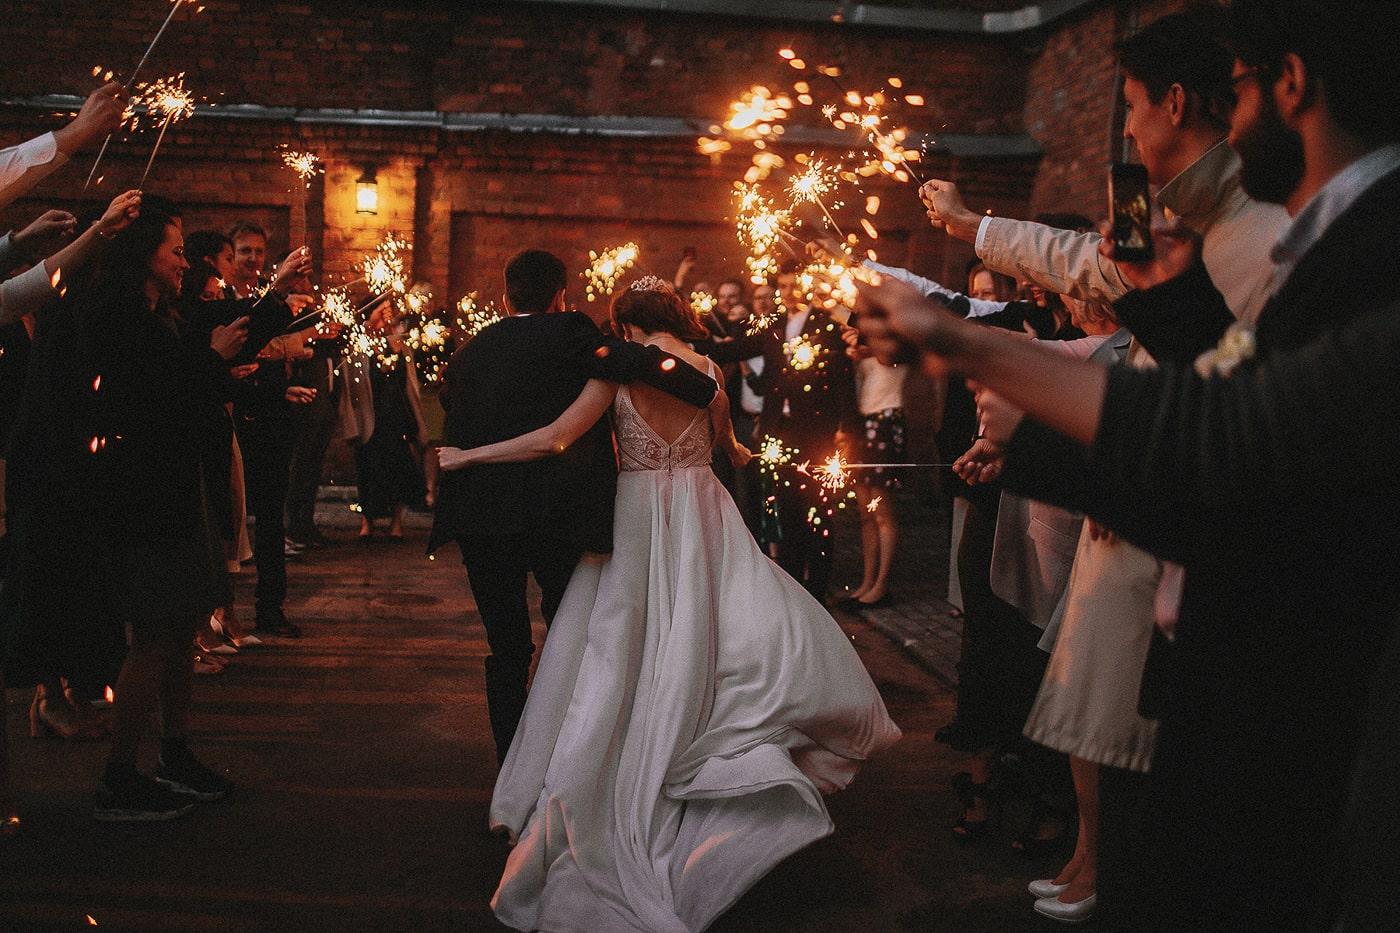 kak-organizovat-svadbu-11-min